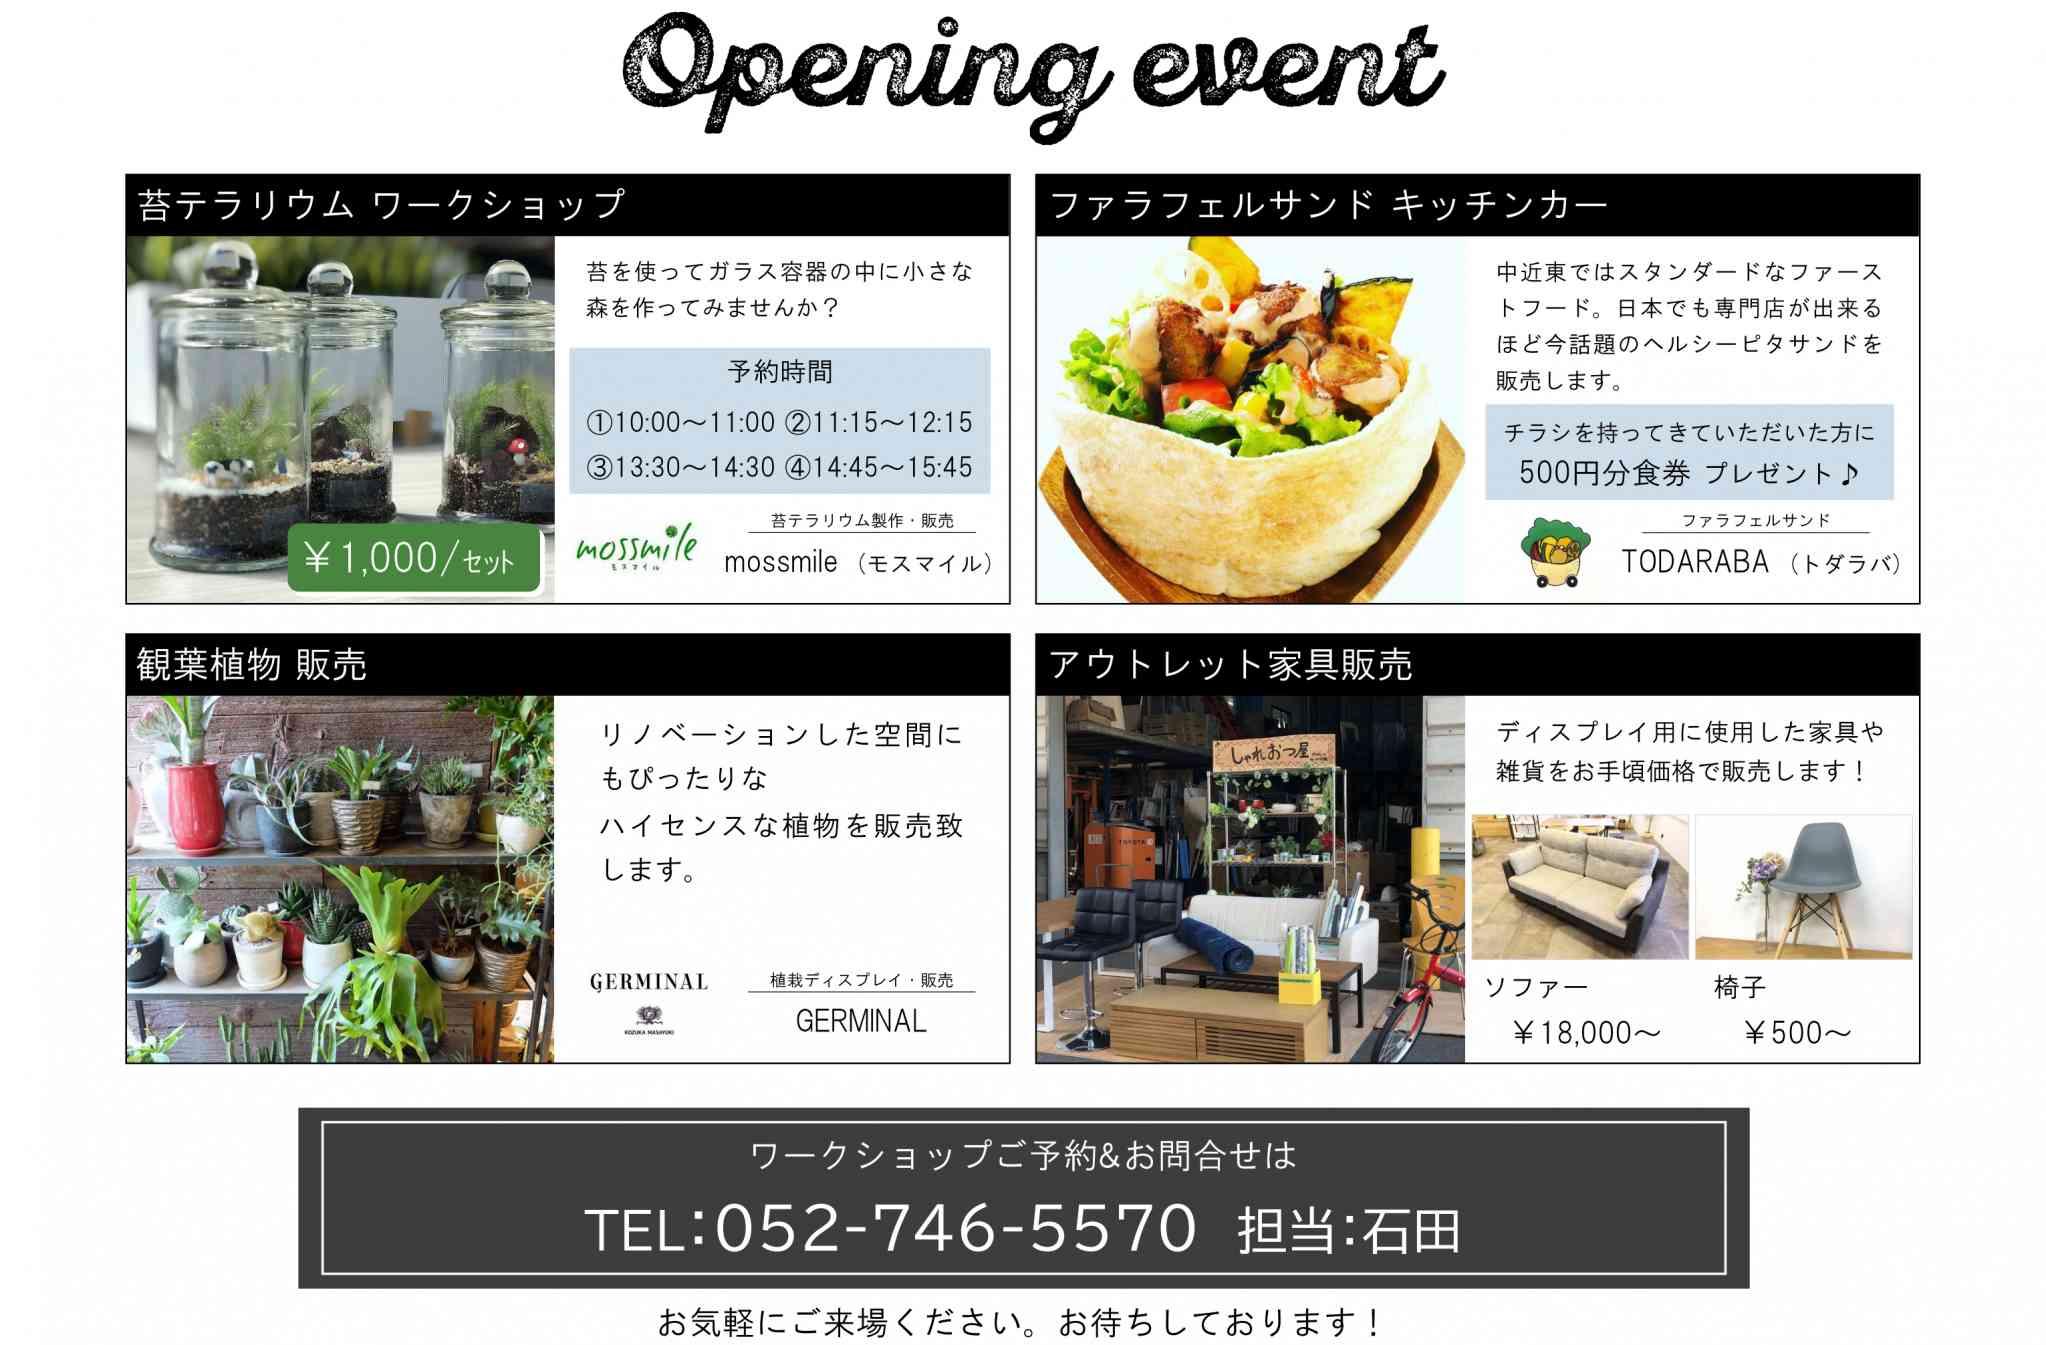 苔テラリウムのワークショップ、ファラフェルサンドのキッチンカー、観葉植物販売、アウトレット家具販売を開催